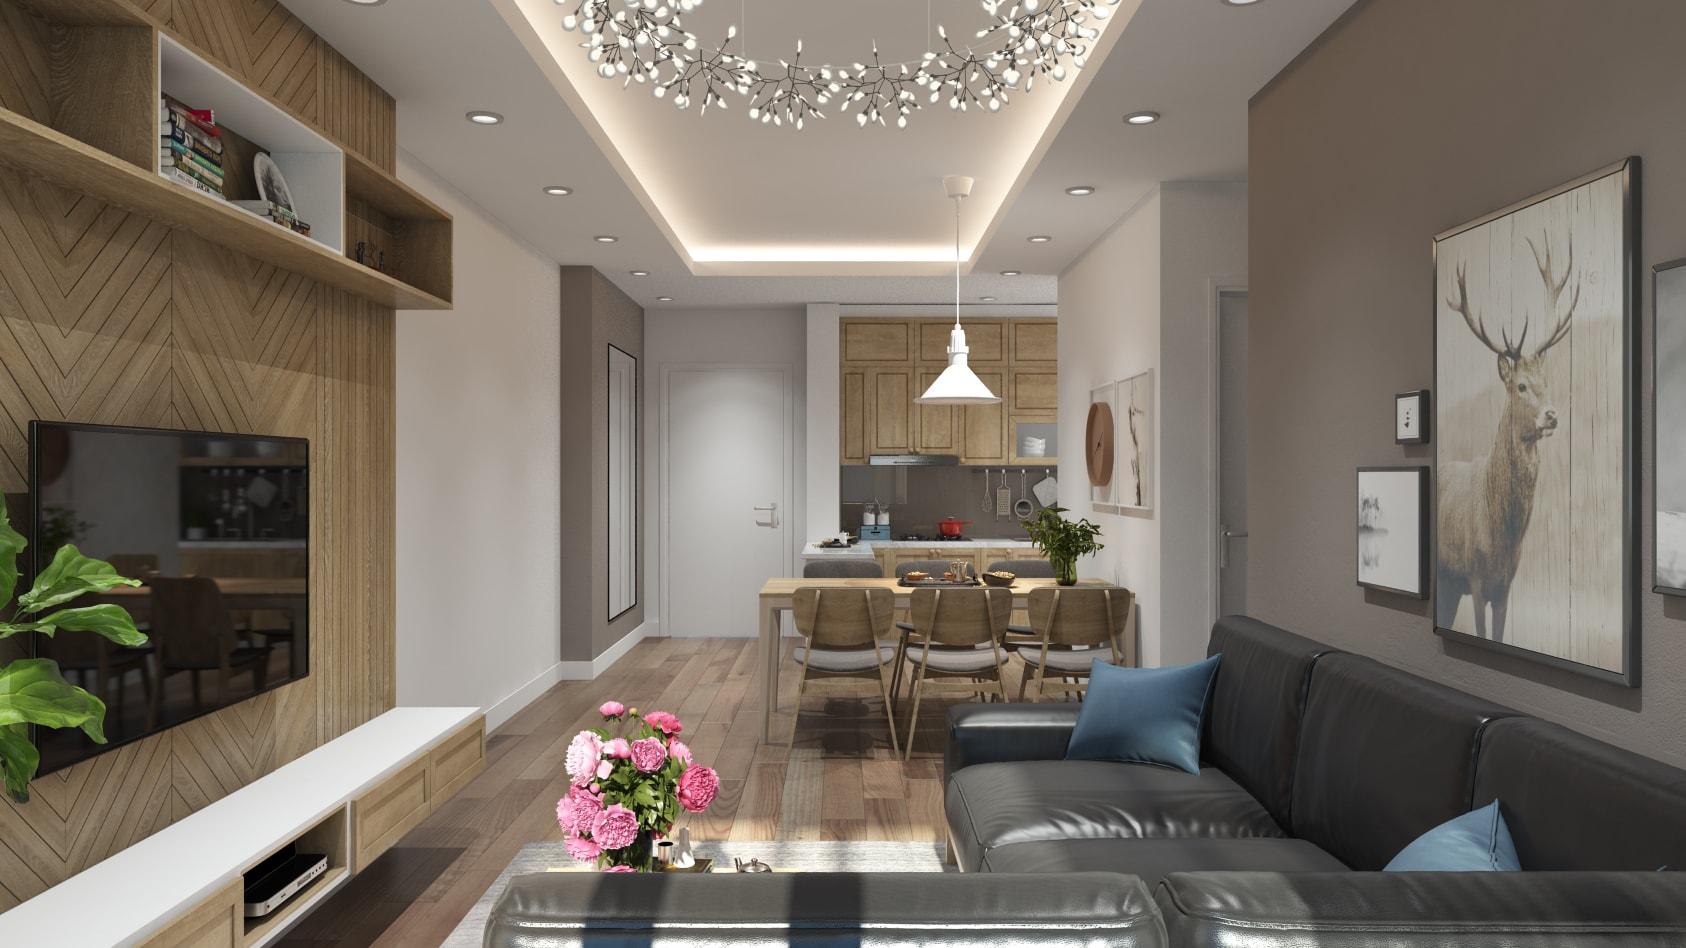 Mẫu thiết kế nội thất căn hộ chung cư Ngoại Giao Đoàn